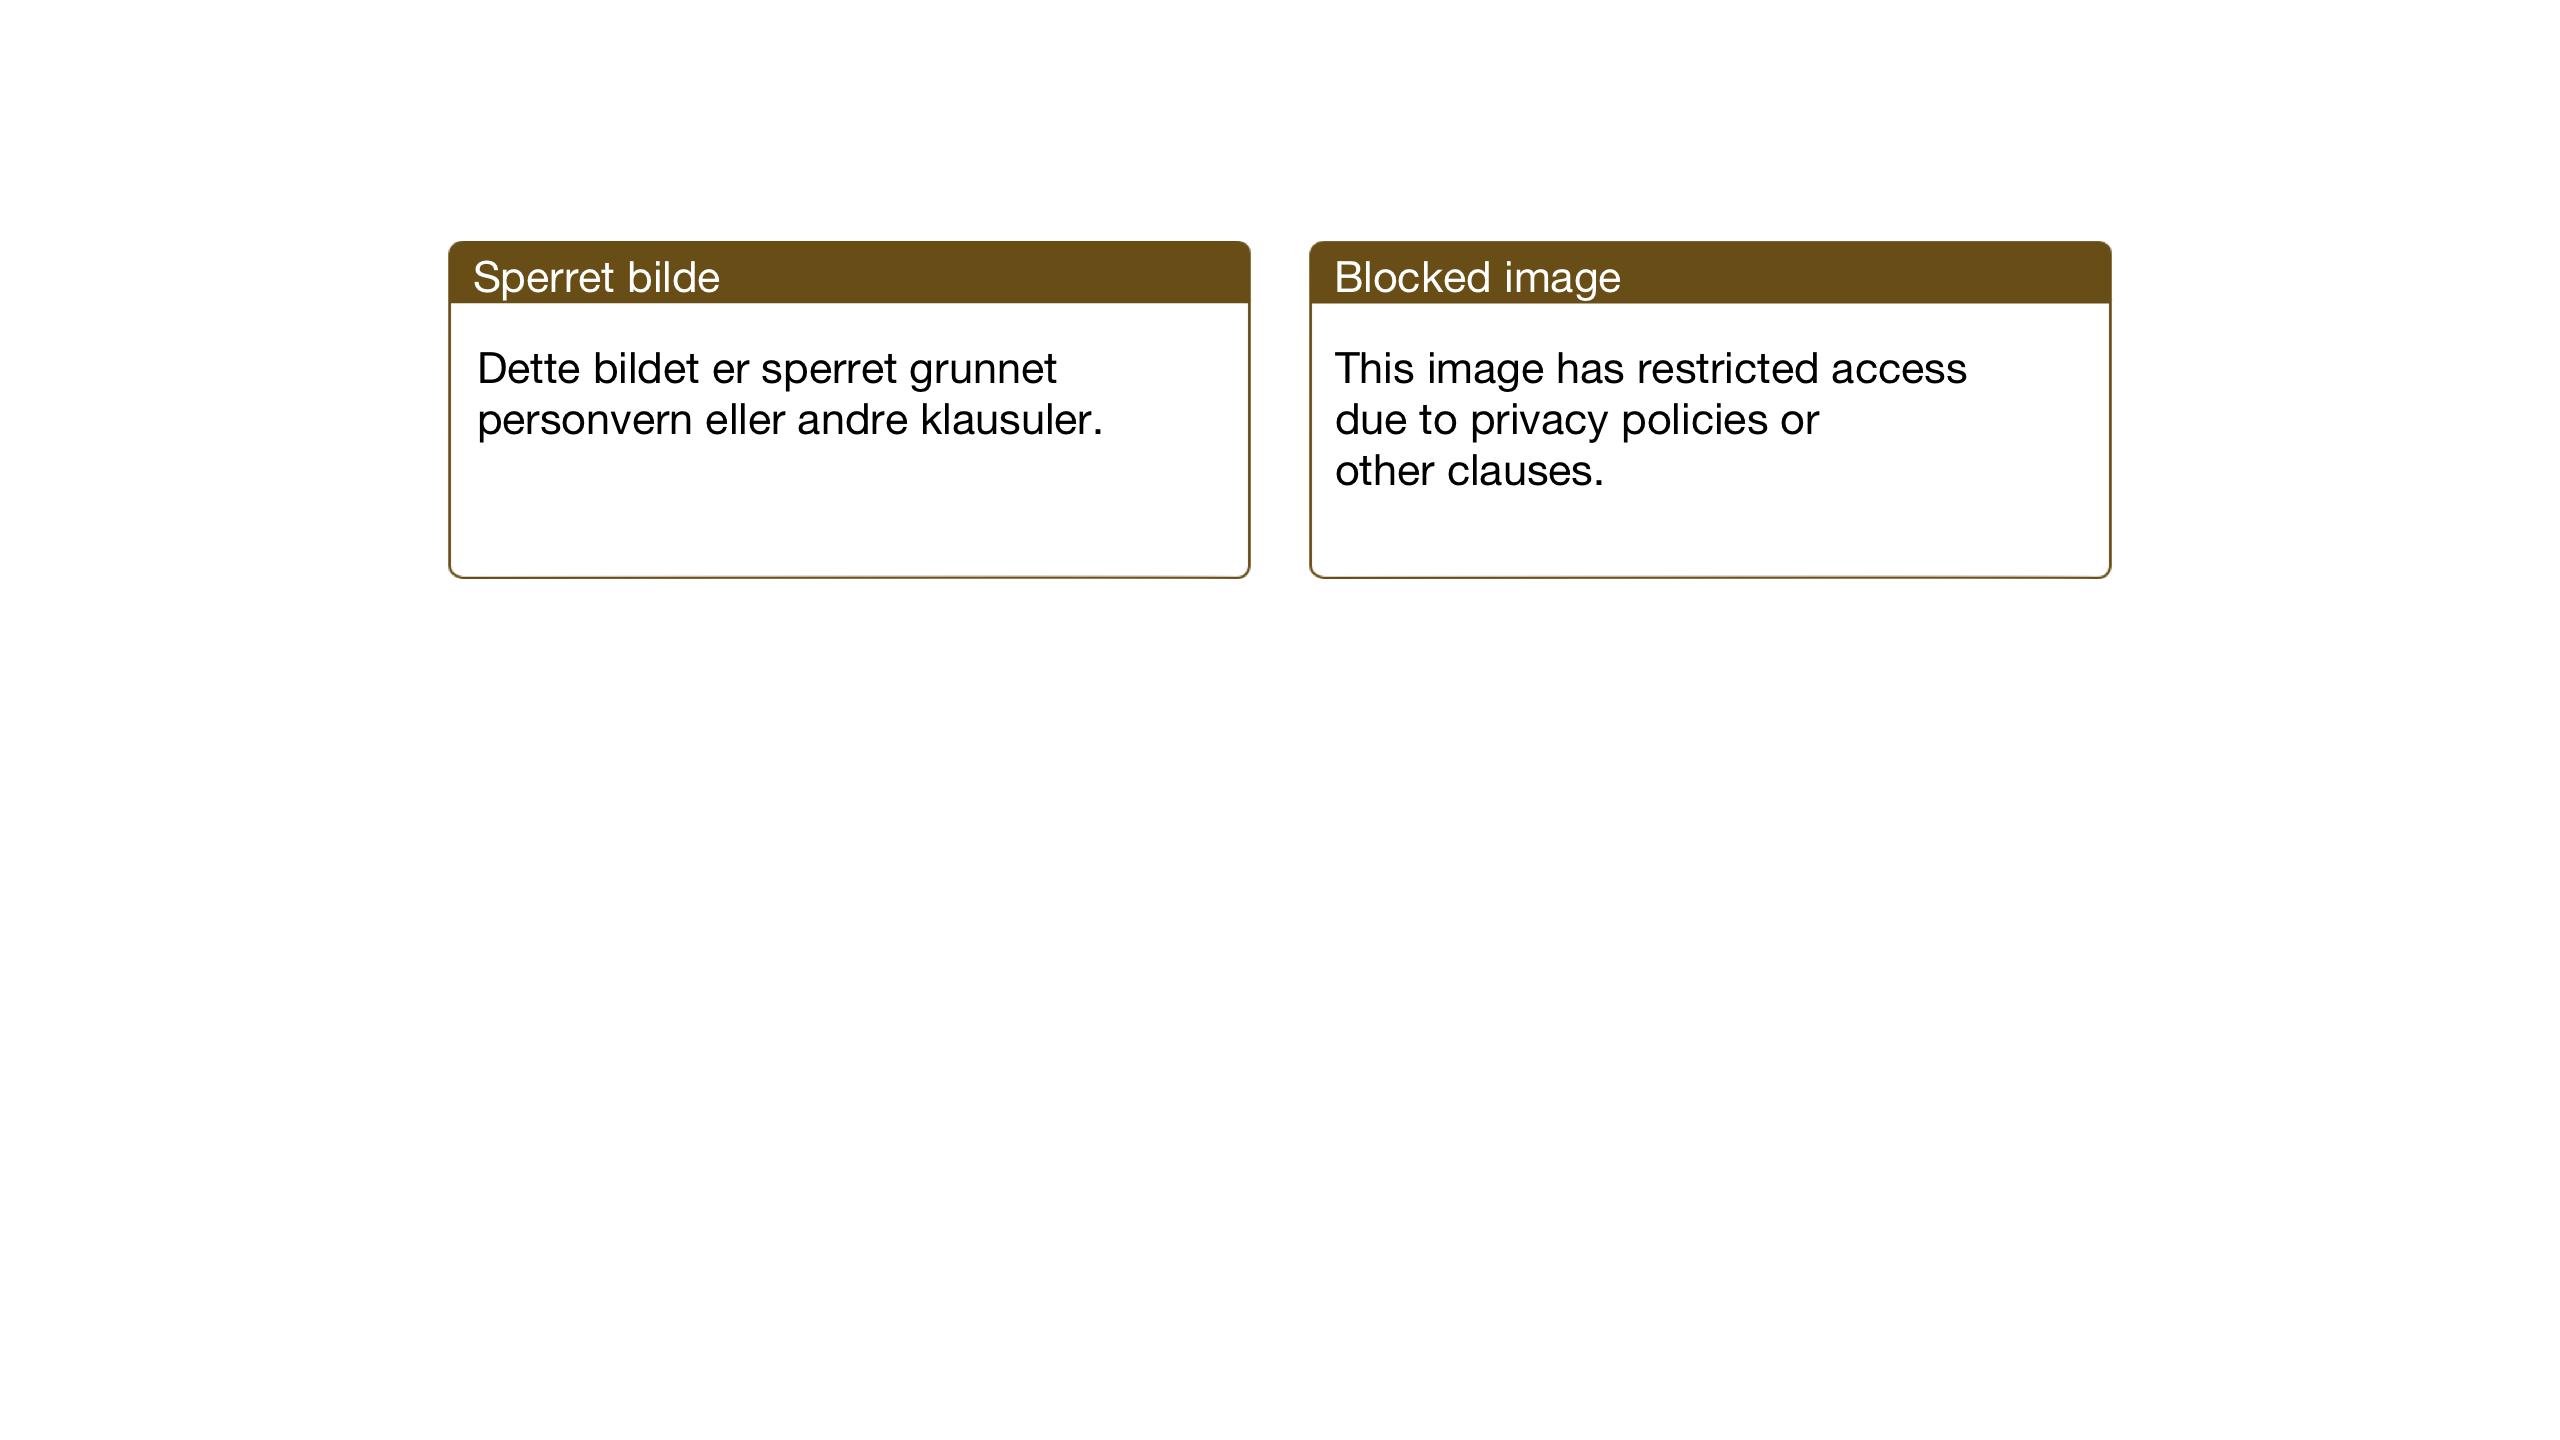 SAT, Ministerialprotokoller, klokkerbøker og fødselsregistre - Nord-Trøndelag, 721/L0209: Klokkerbok nr. 721C02, 1918-1940, s. 76